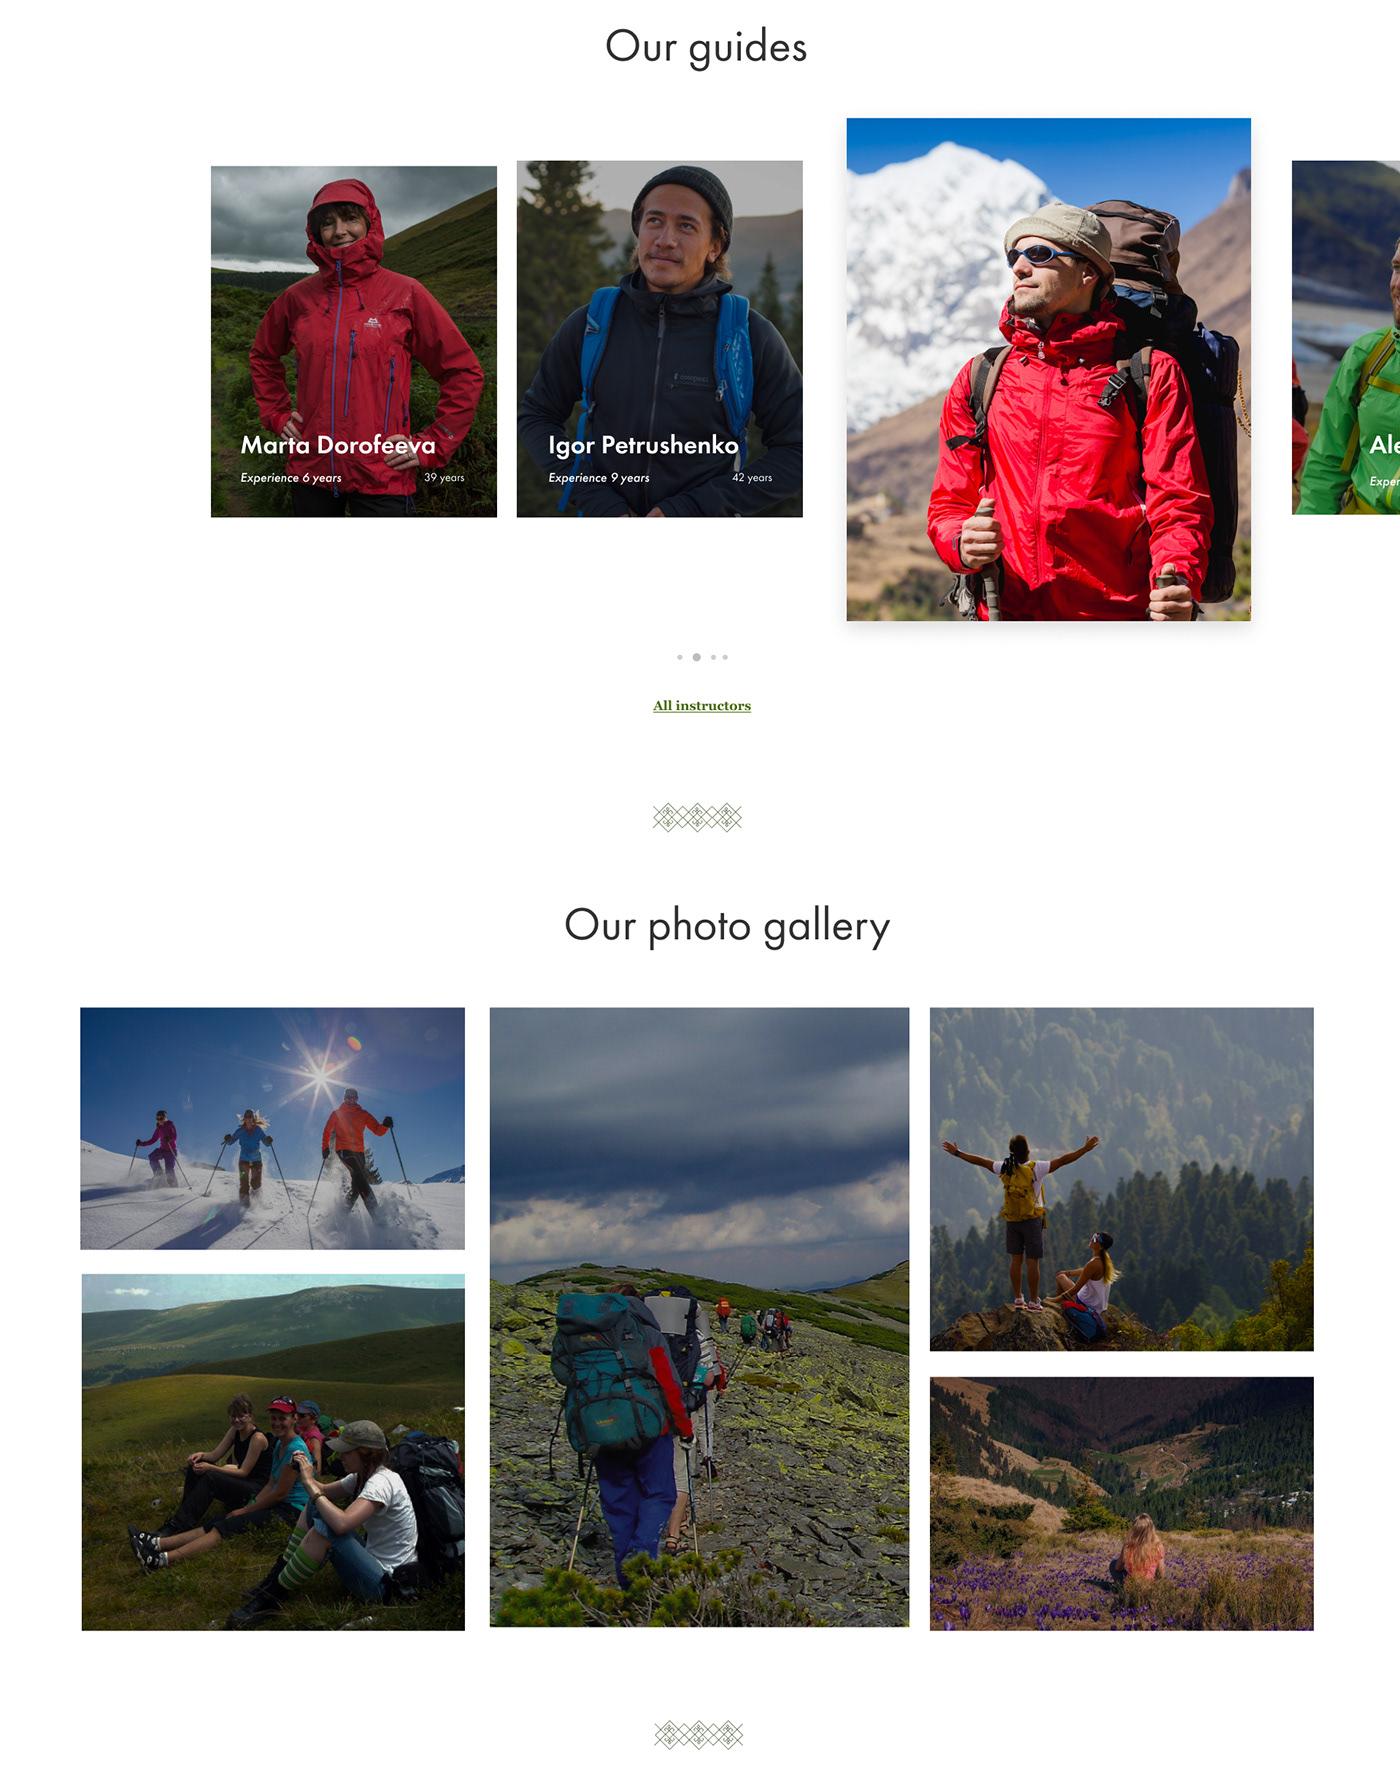 Image may contain: skiing